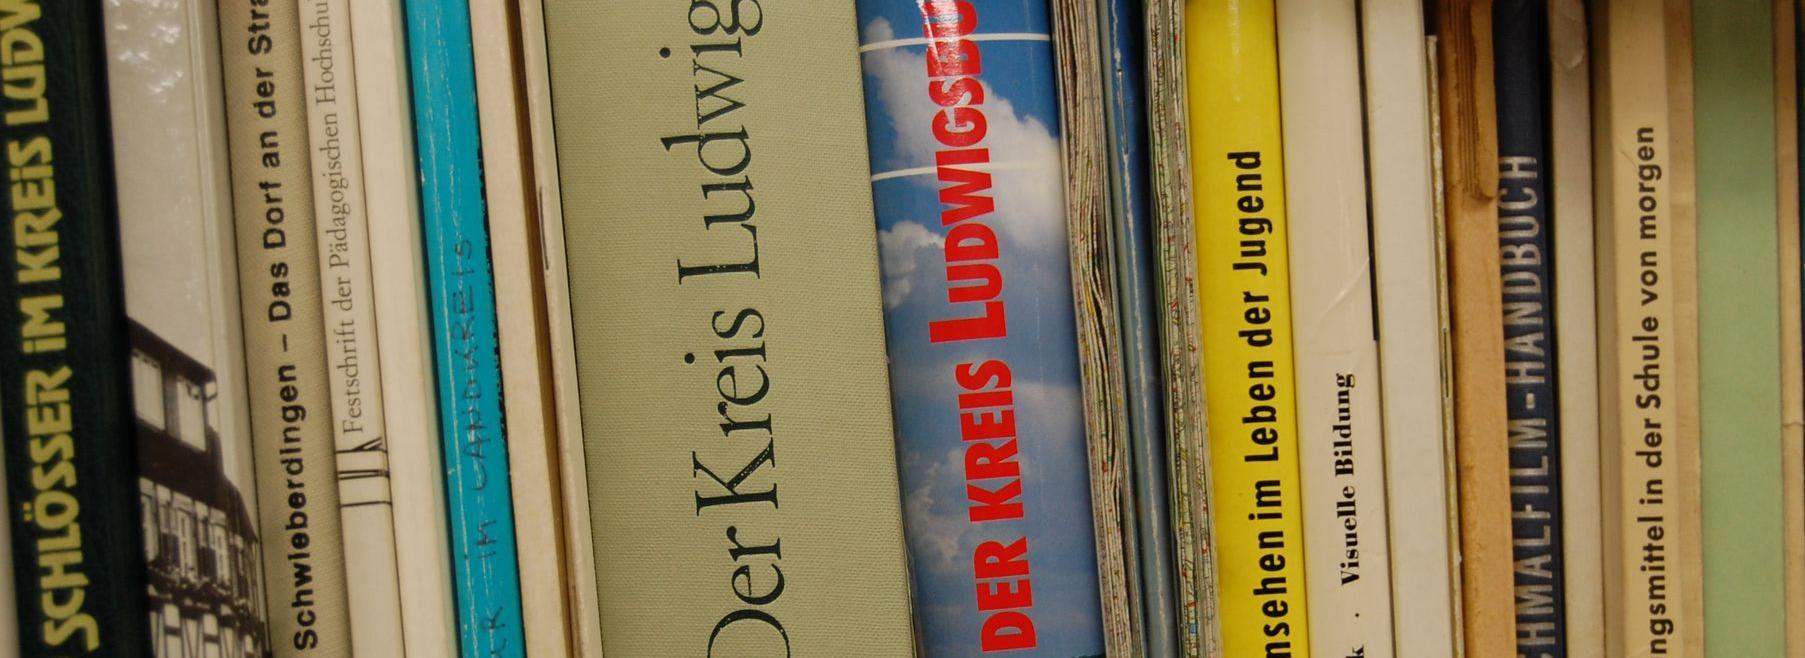 Buchrücken von Büchern in einem Regal DSC_0001.JPG